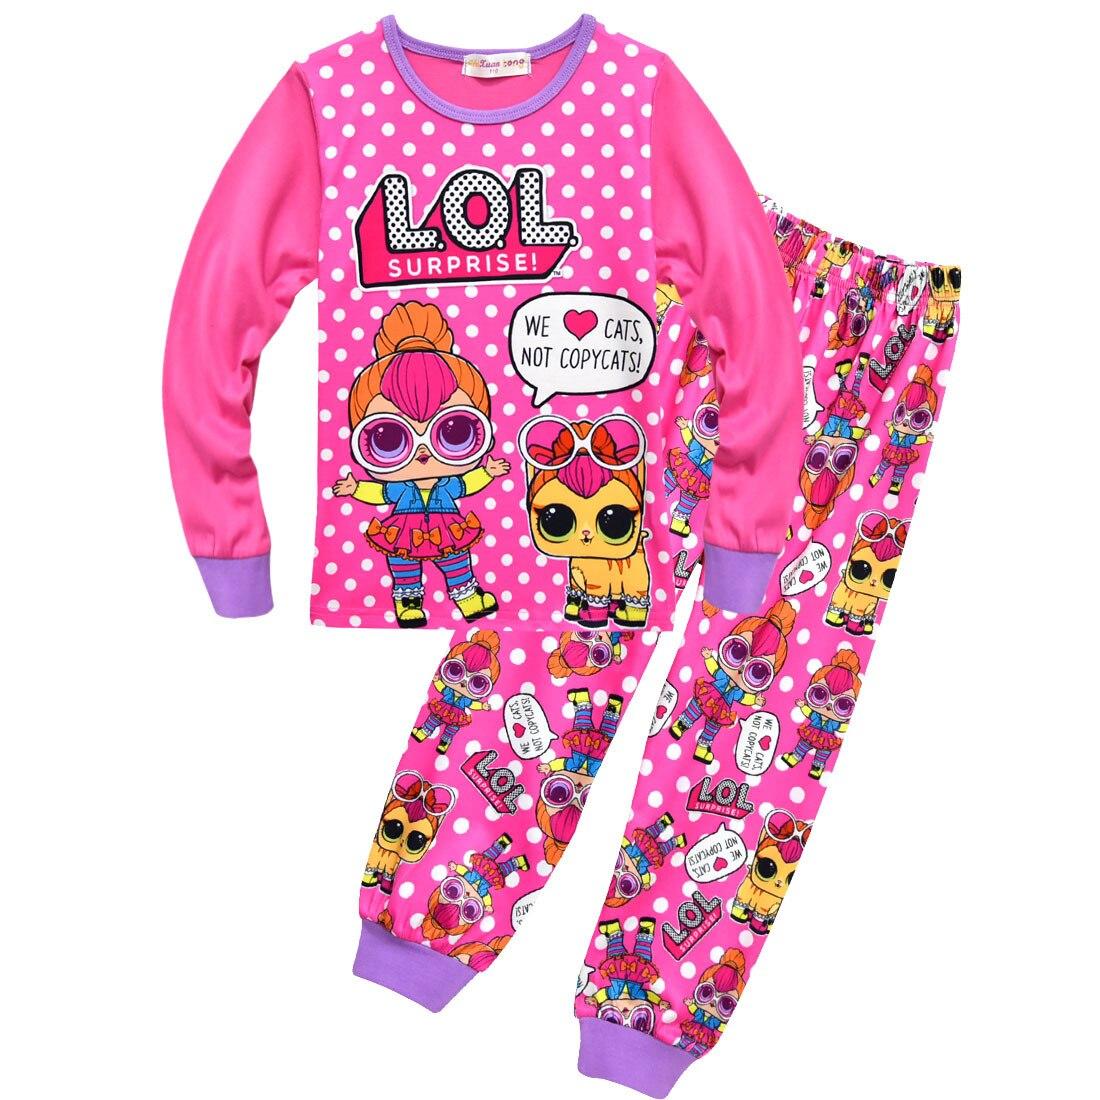 LoL suprise Original Children's Sets toddler Pajamas Kids Tracksuit lol dolls Pajama Toddler Girl Clothes Girls Clothing